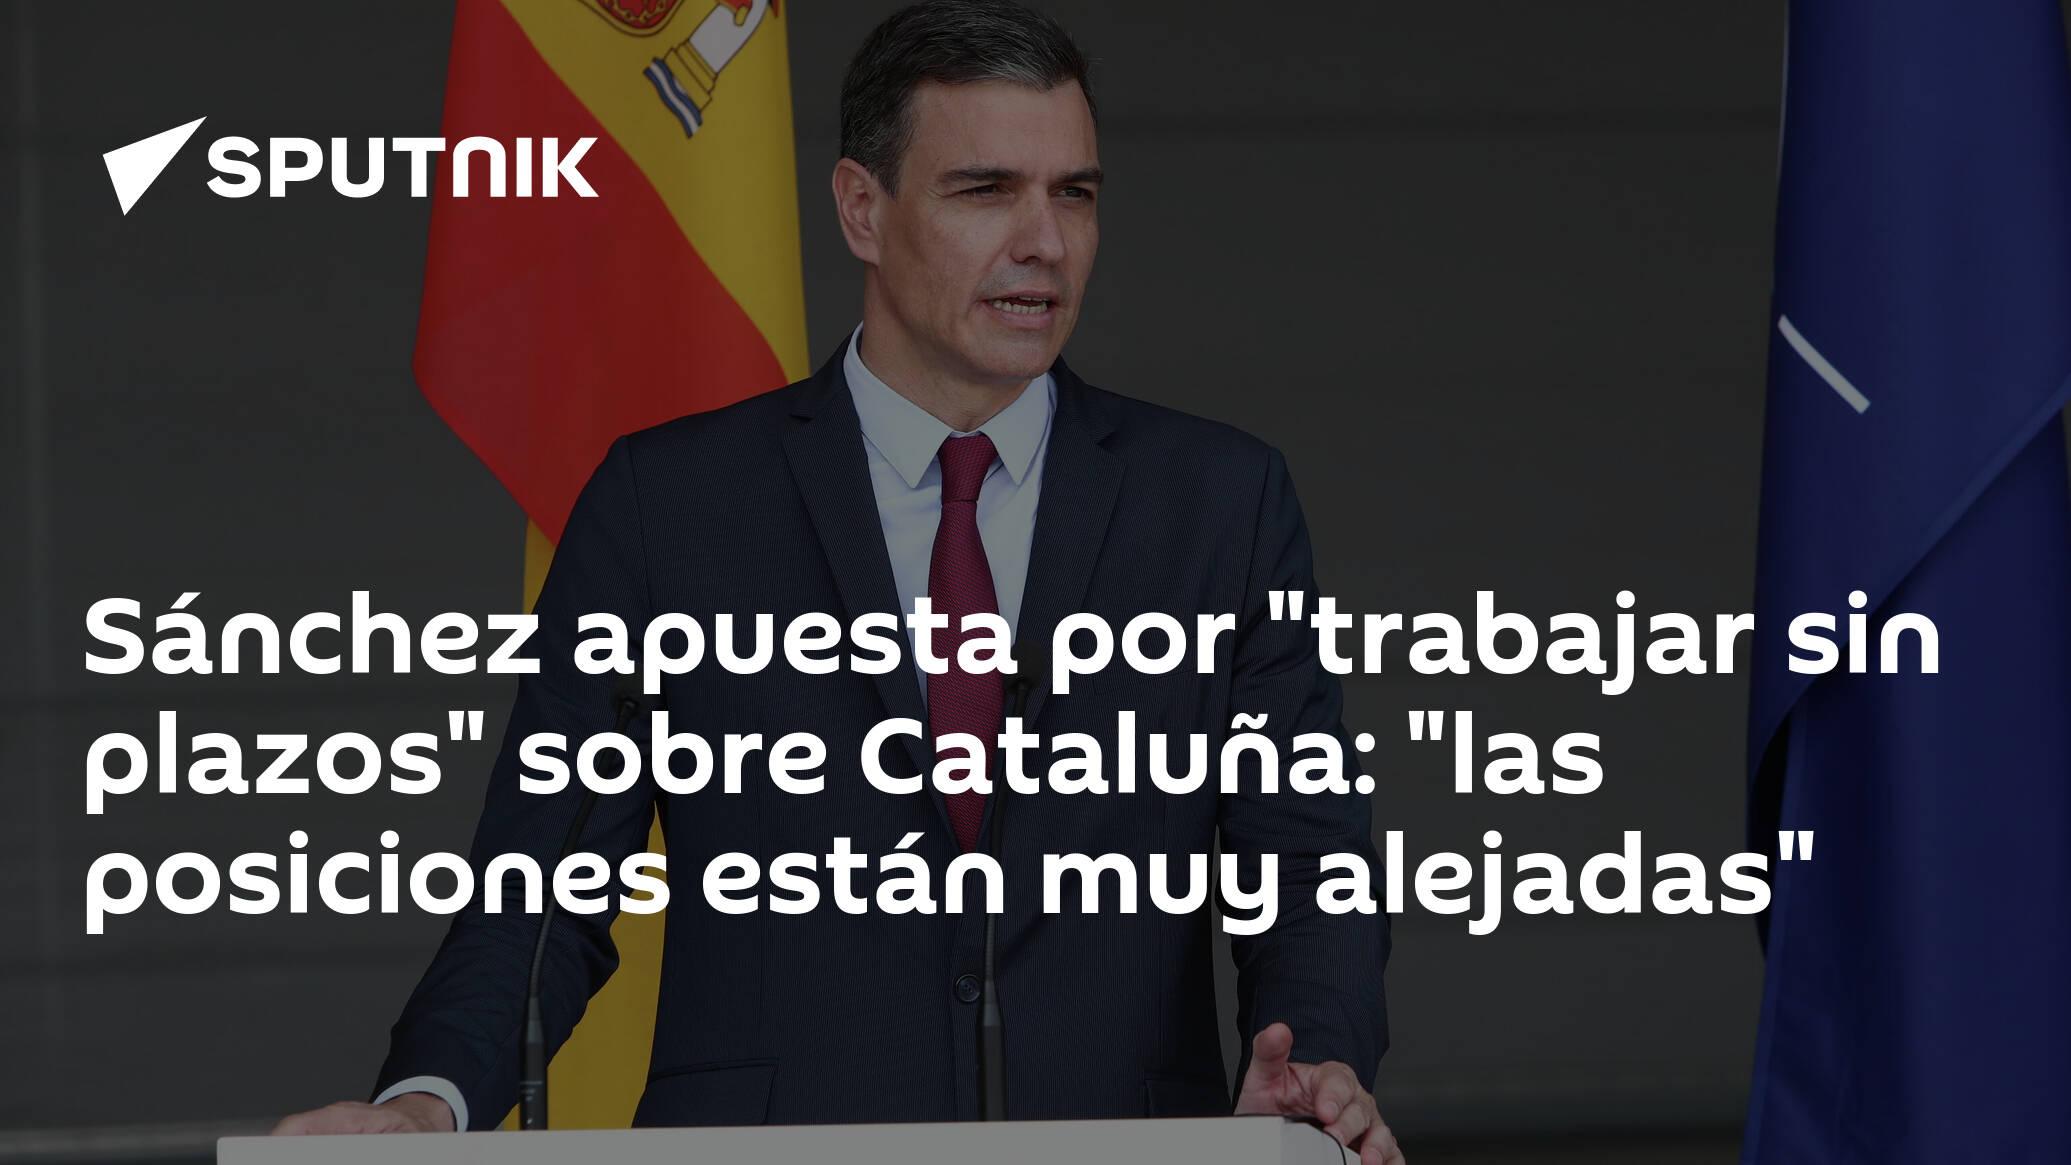 Comparecencia de Pedro Sánchez tras su reunión con el presidente de Cataluña